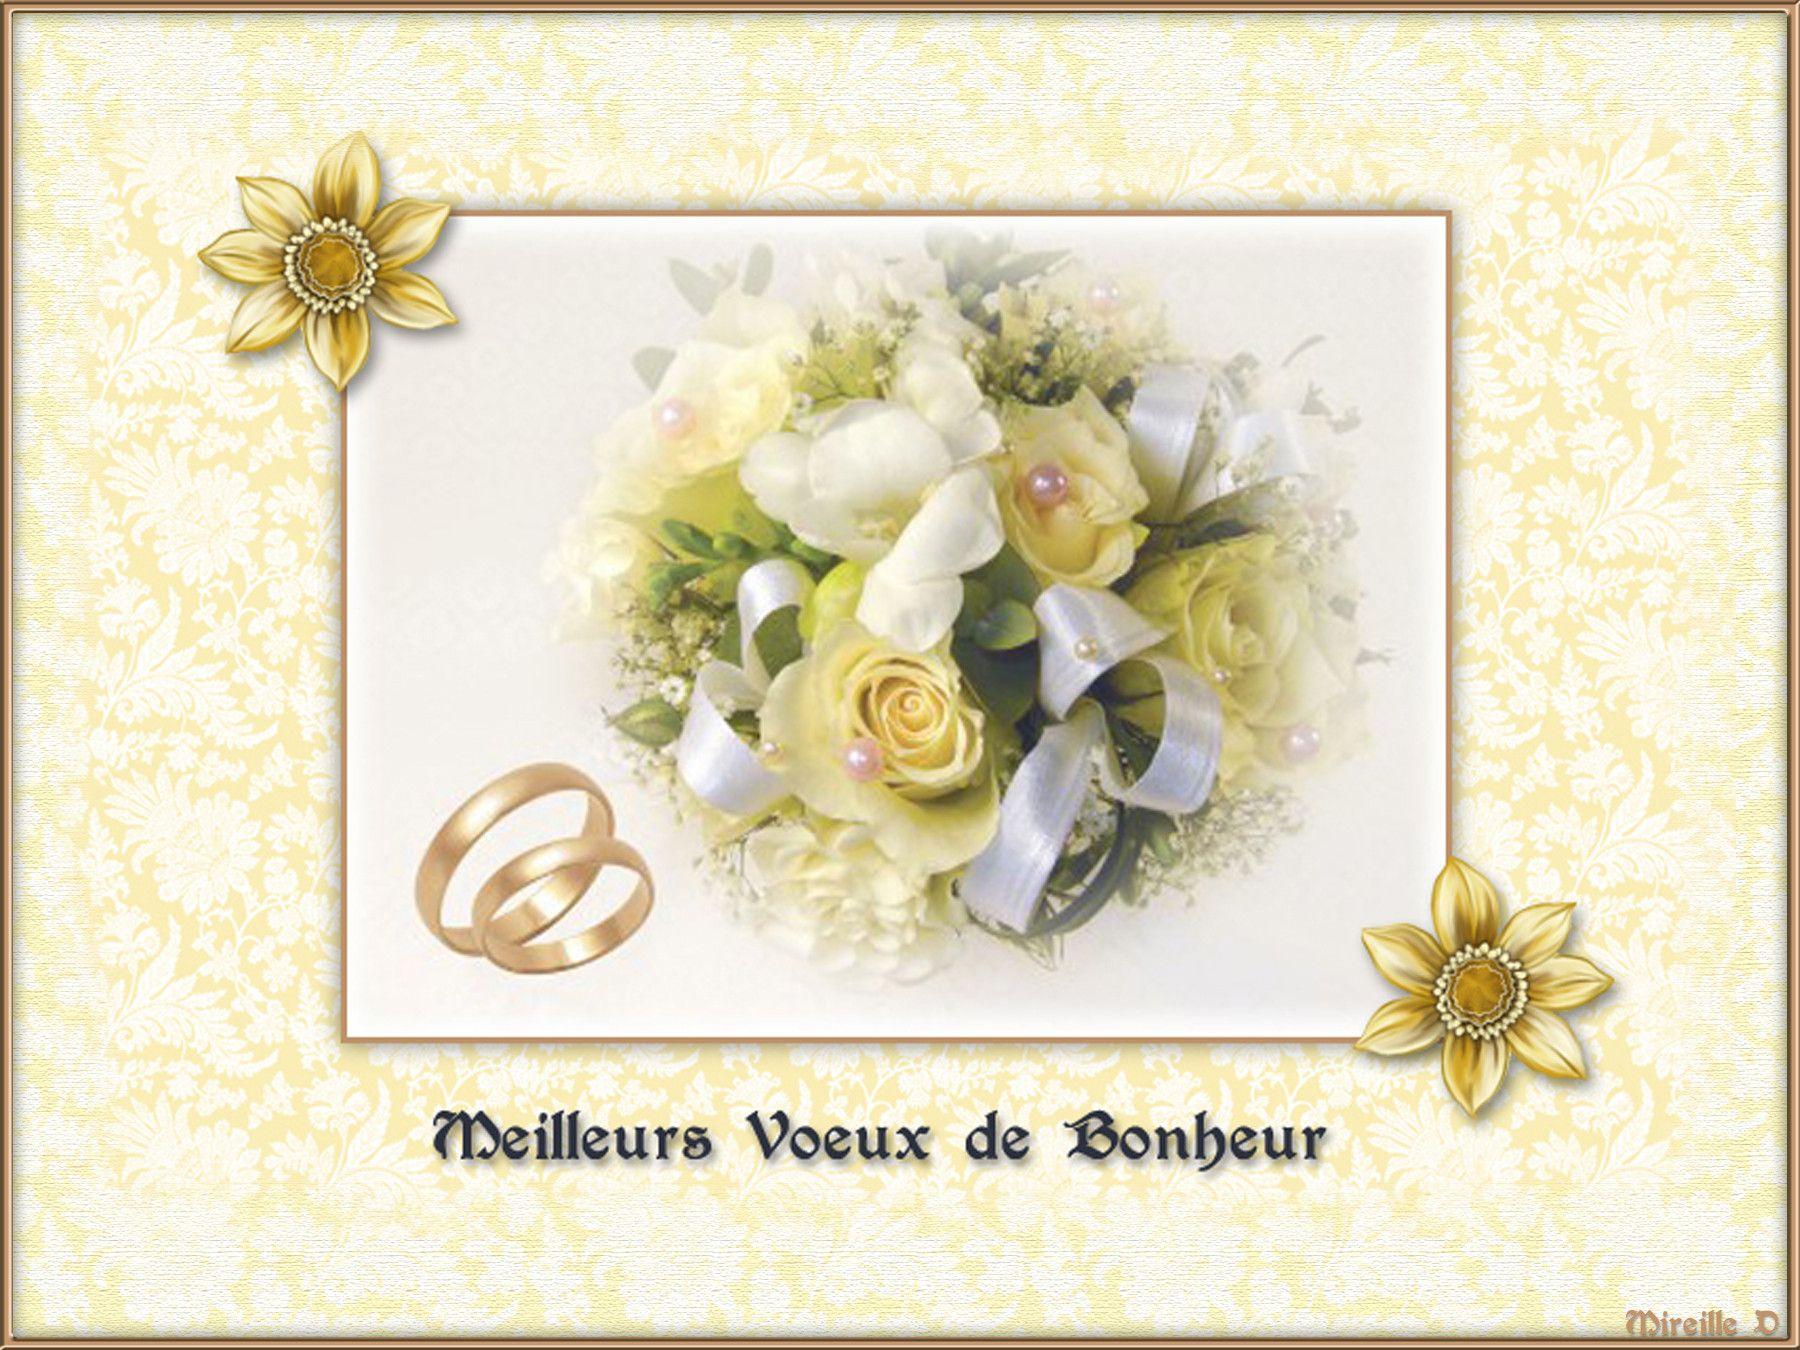 Carte Pour Mariage Inspirational Carte De Voeux Musicale Pour Un Mariage Chez Carte De Voeux Anniversaire Carte De Voeux Mariage Voeux Anniversaire De Mariage